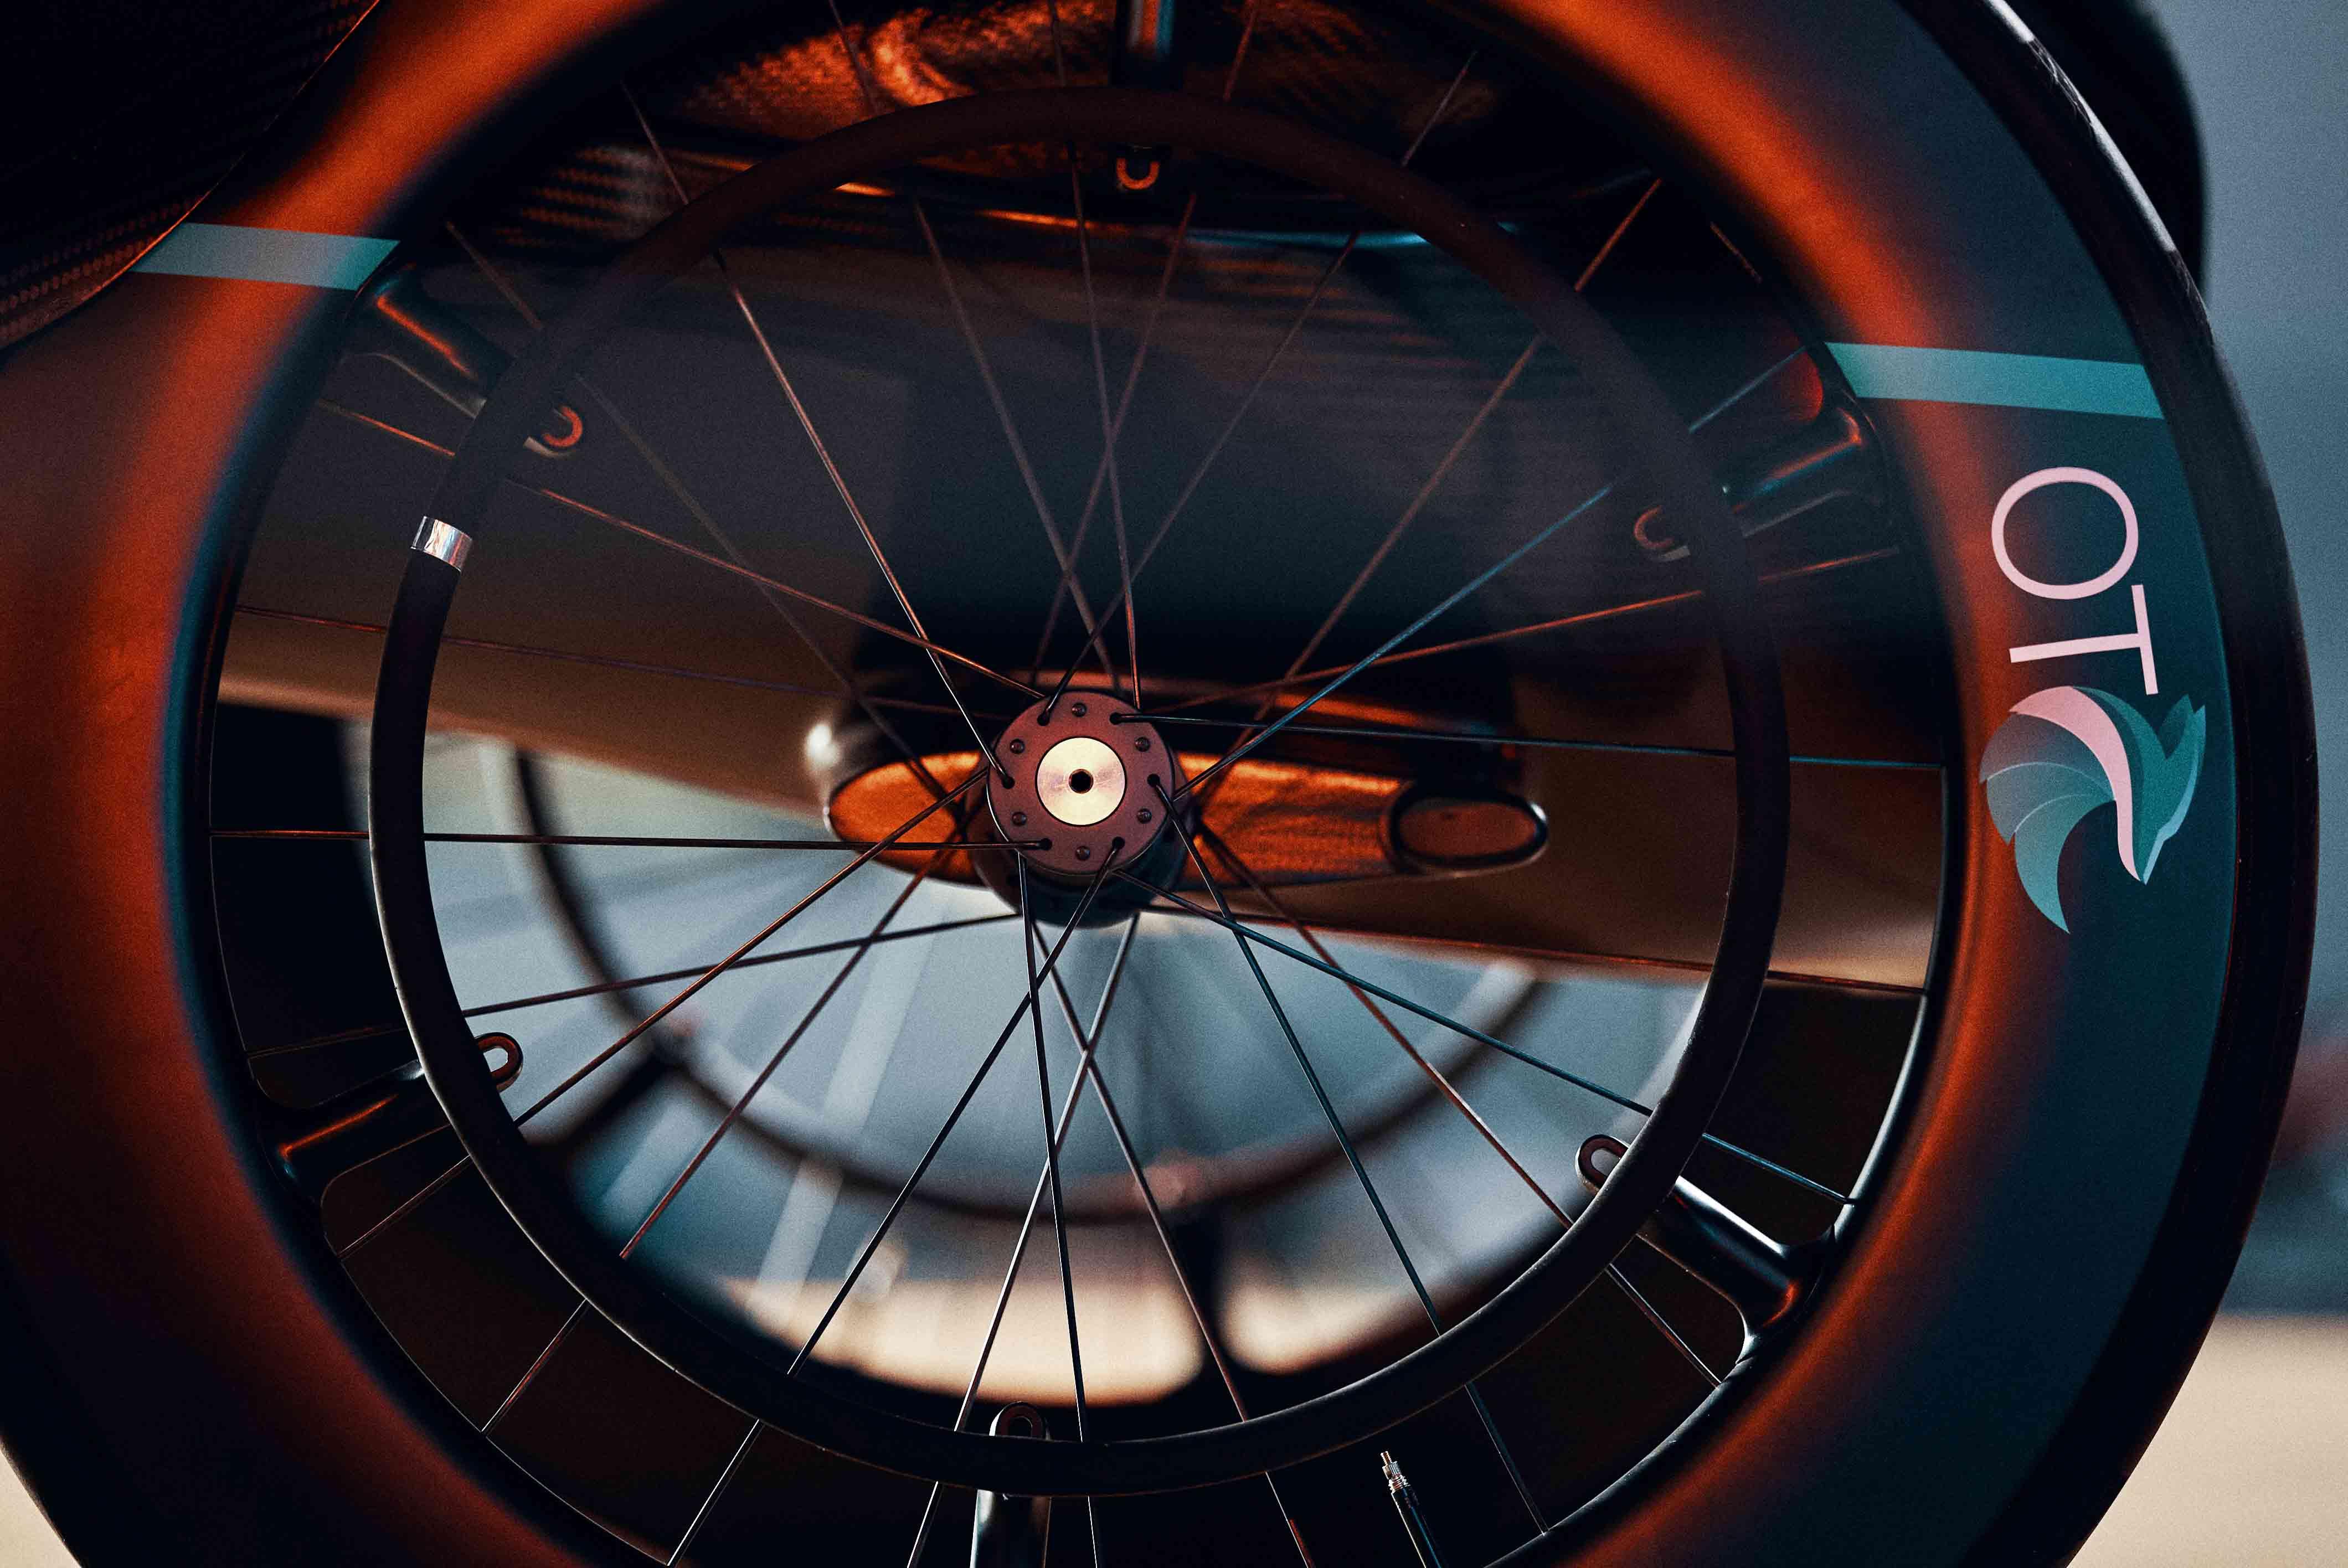 Swiss Side Laufrad für OT FOXX Rennrollstuhl